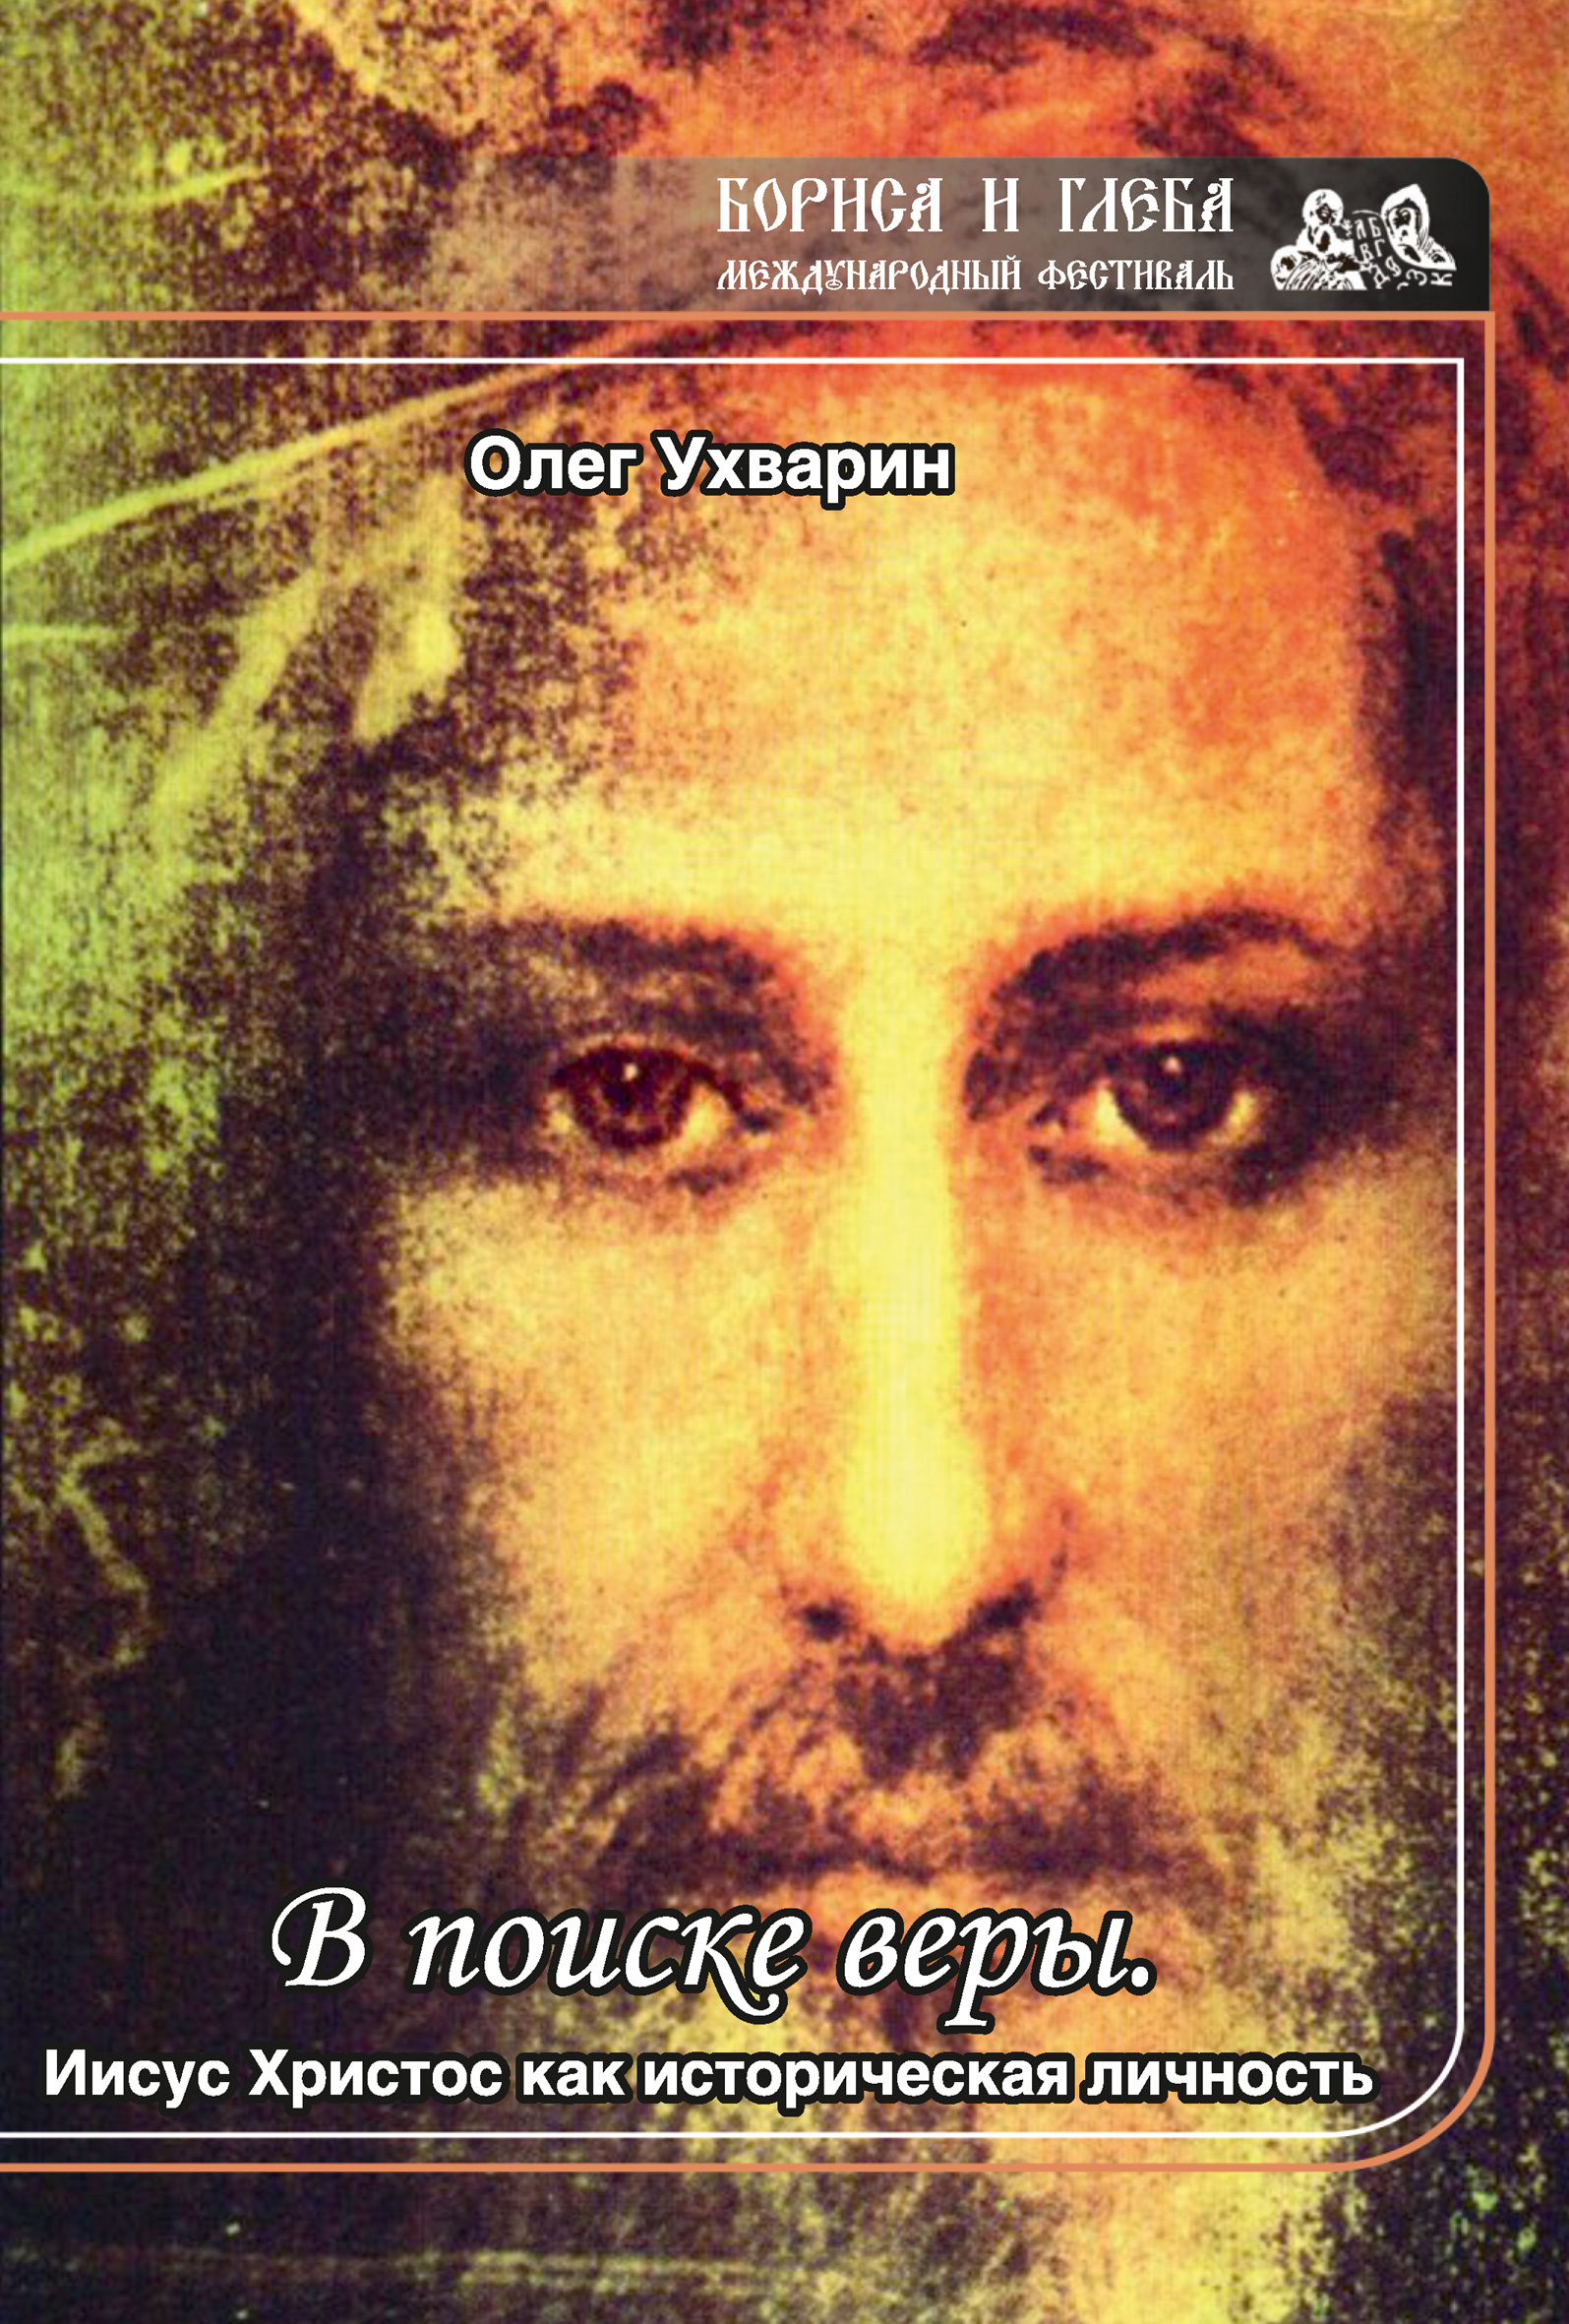 Фото Олег Ухварин В поиске веры. Иисус Христос как историческая личность